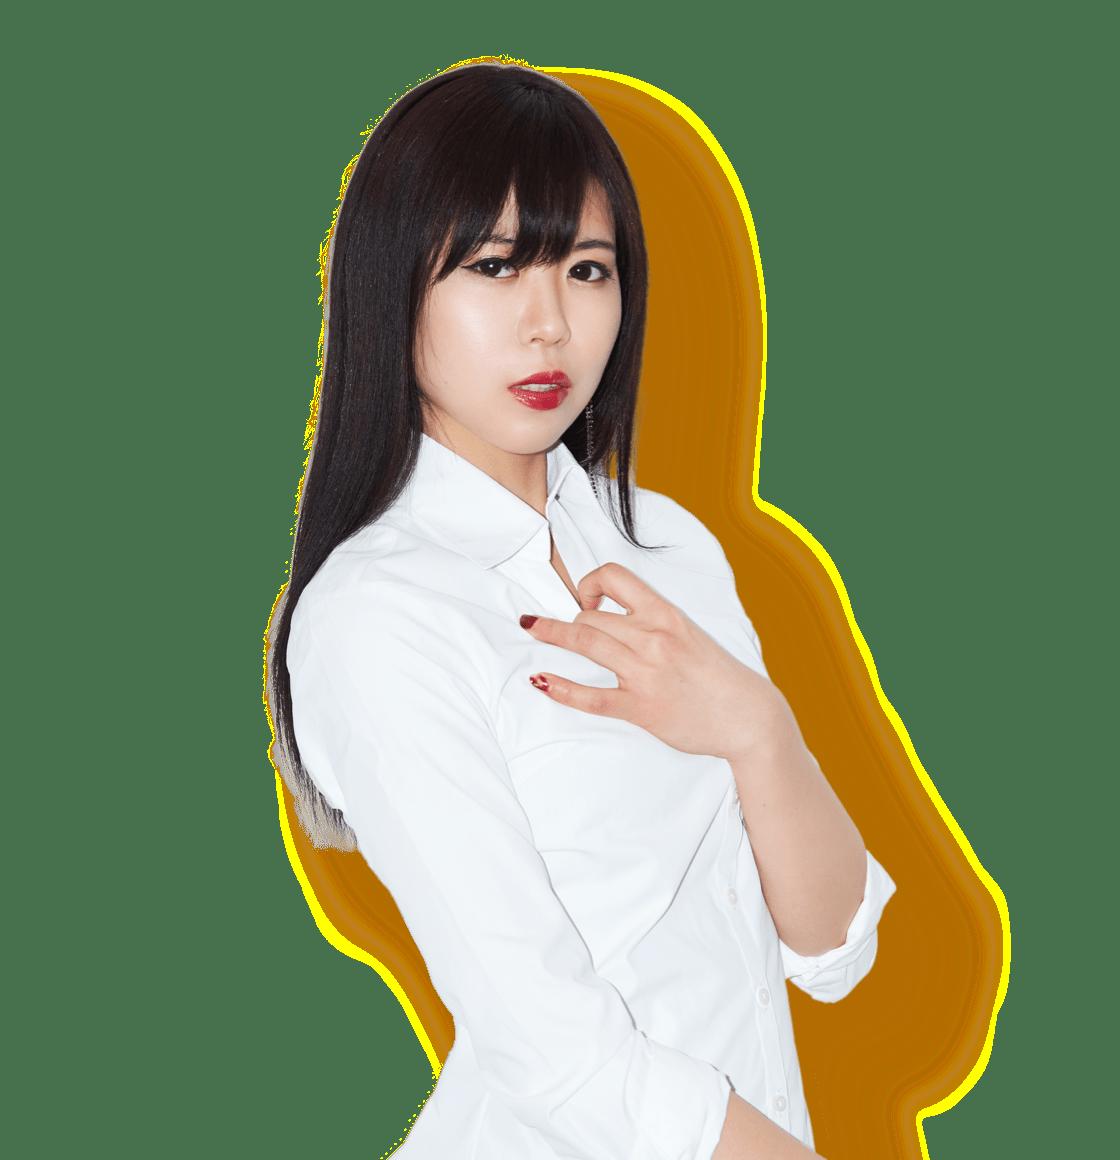 宮村菜菜子のシャツ画像